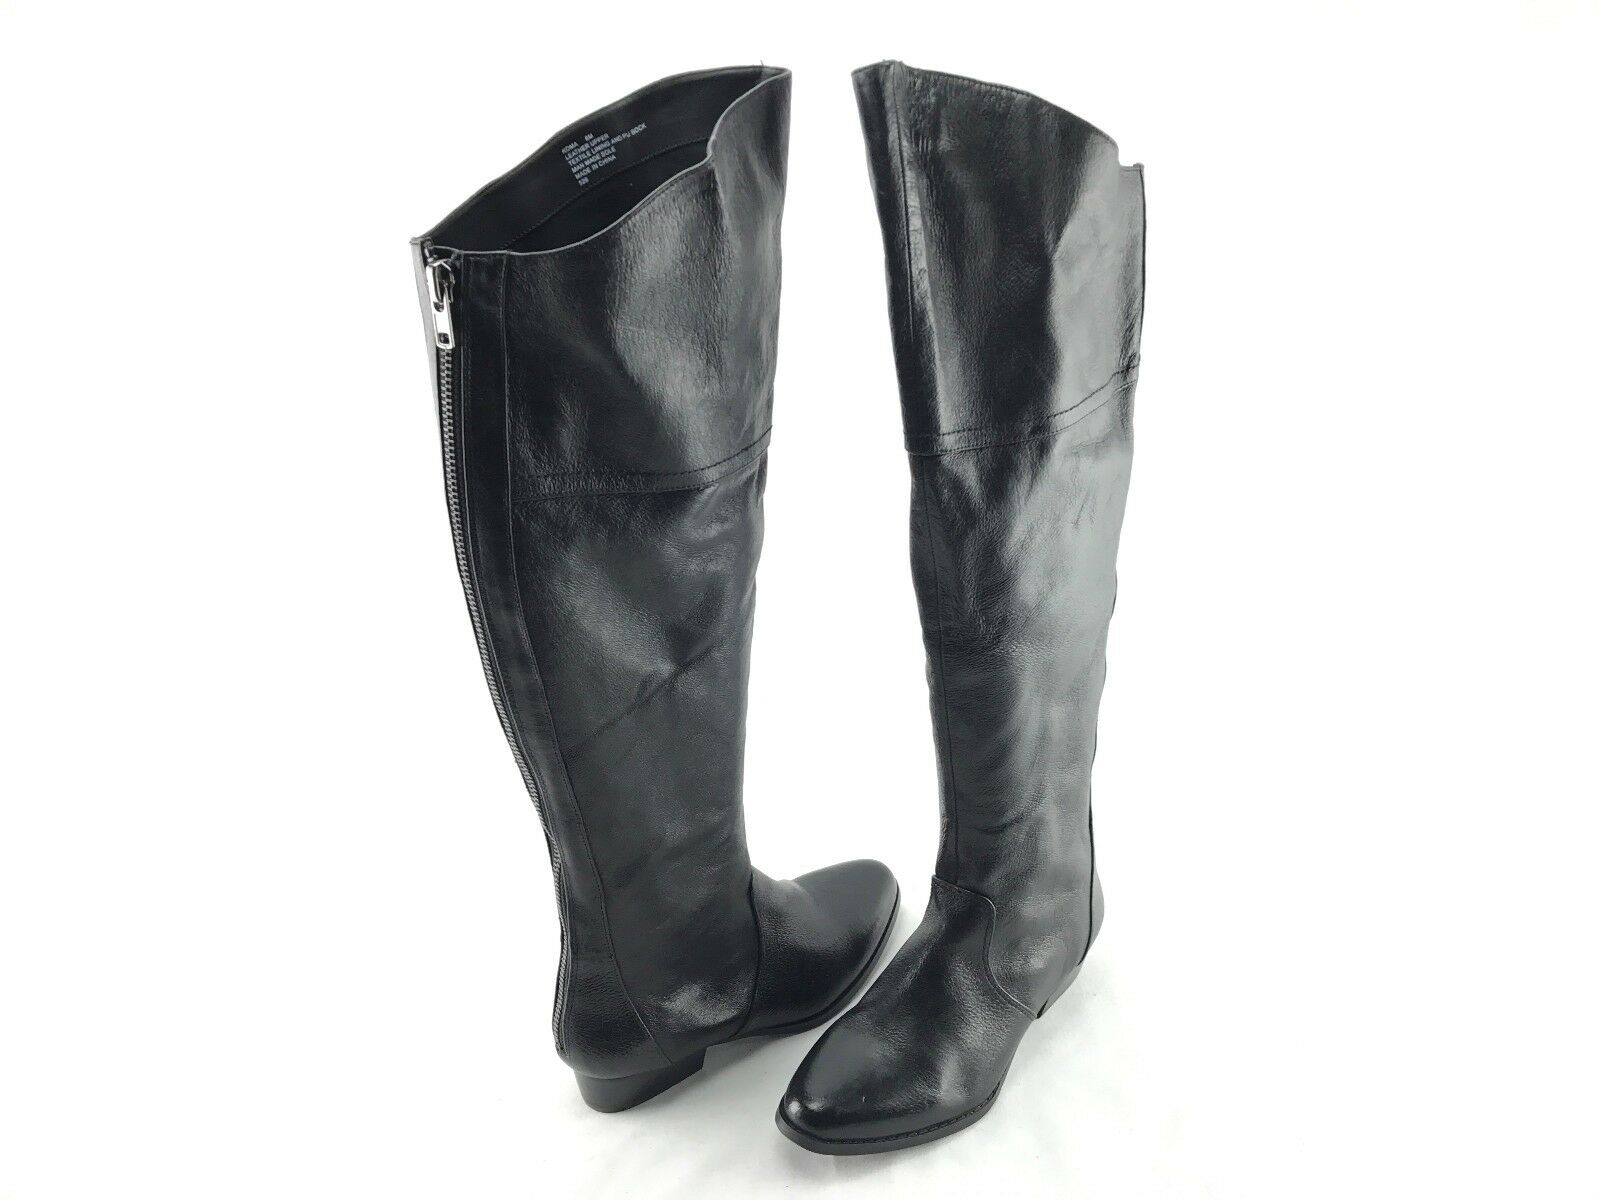 Steve Madden Koma Femmes en Cuir Noir Dessus du Genou Bottes US Taille 8 M Chaussures  725